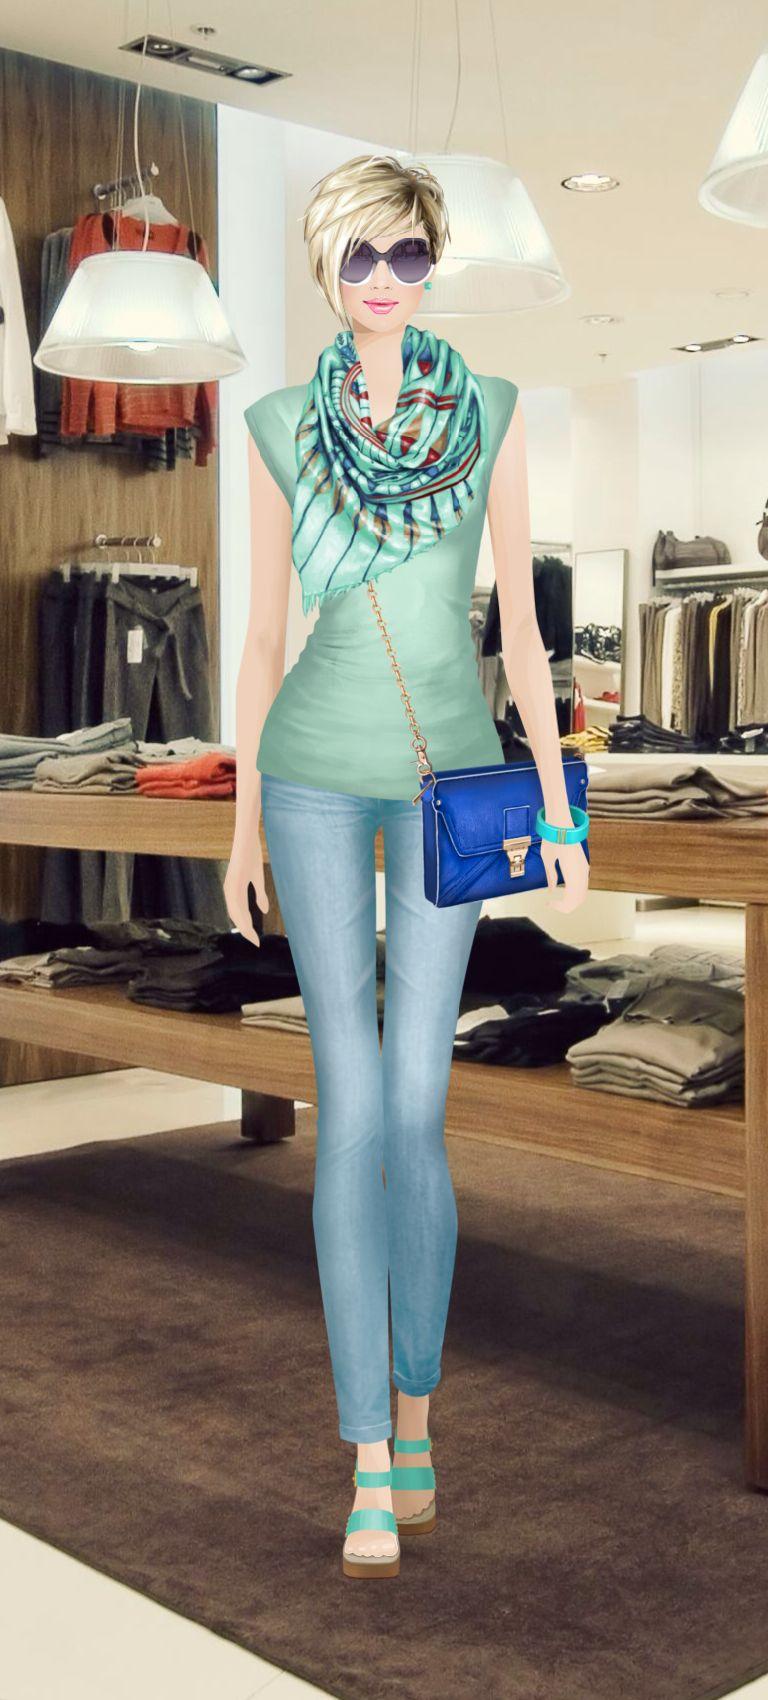 Fashion Game Fashion, Fashion looks, Covet fashion